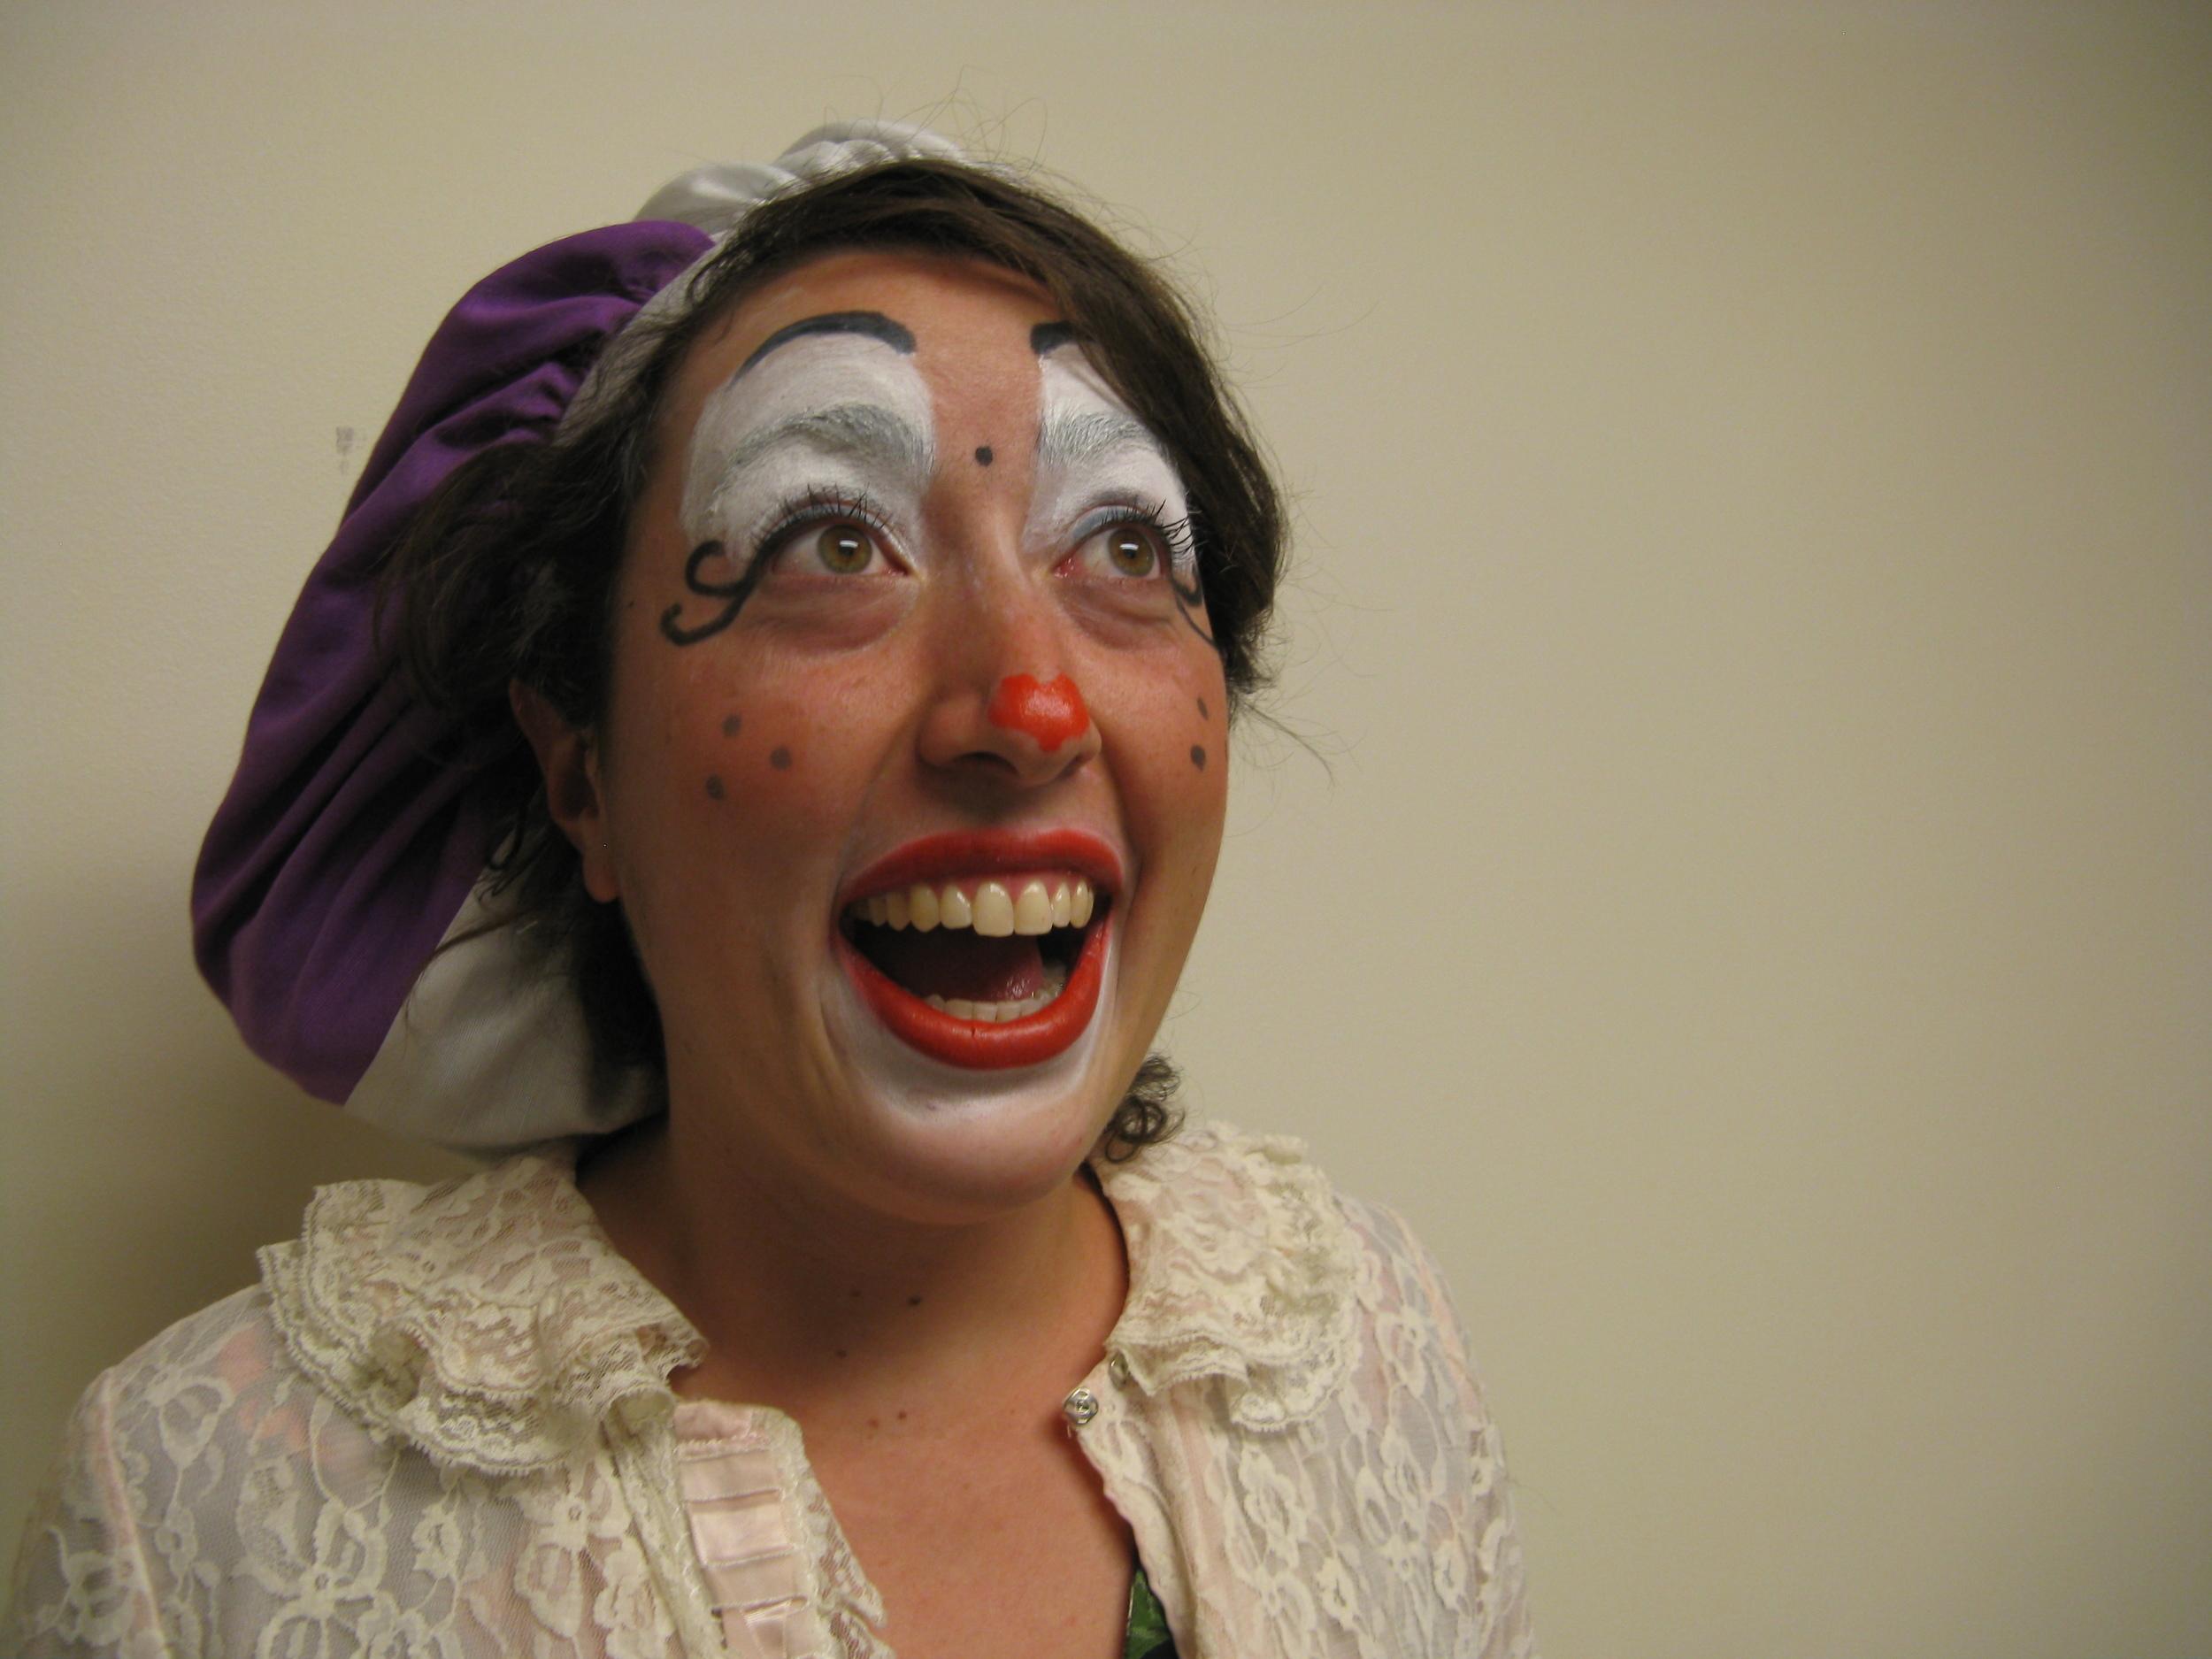 clown volunteering 010.jpg